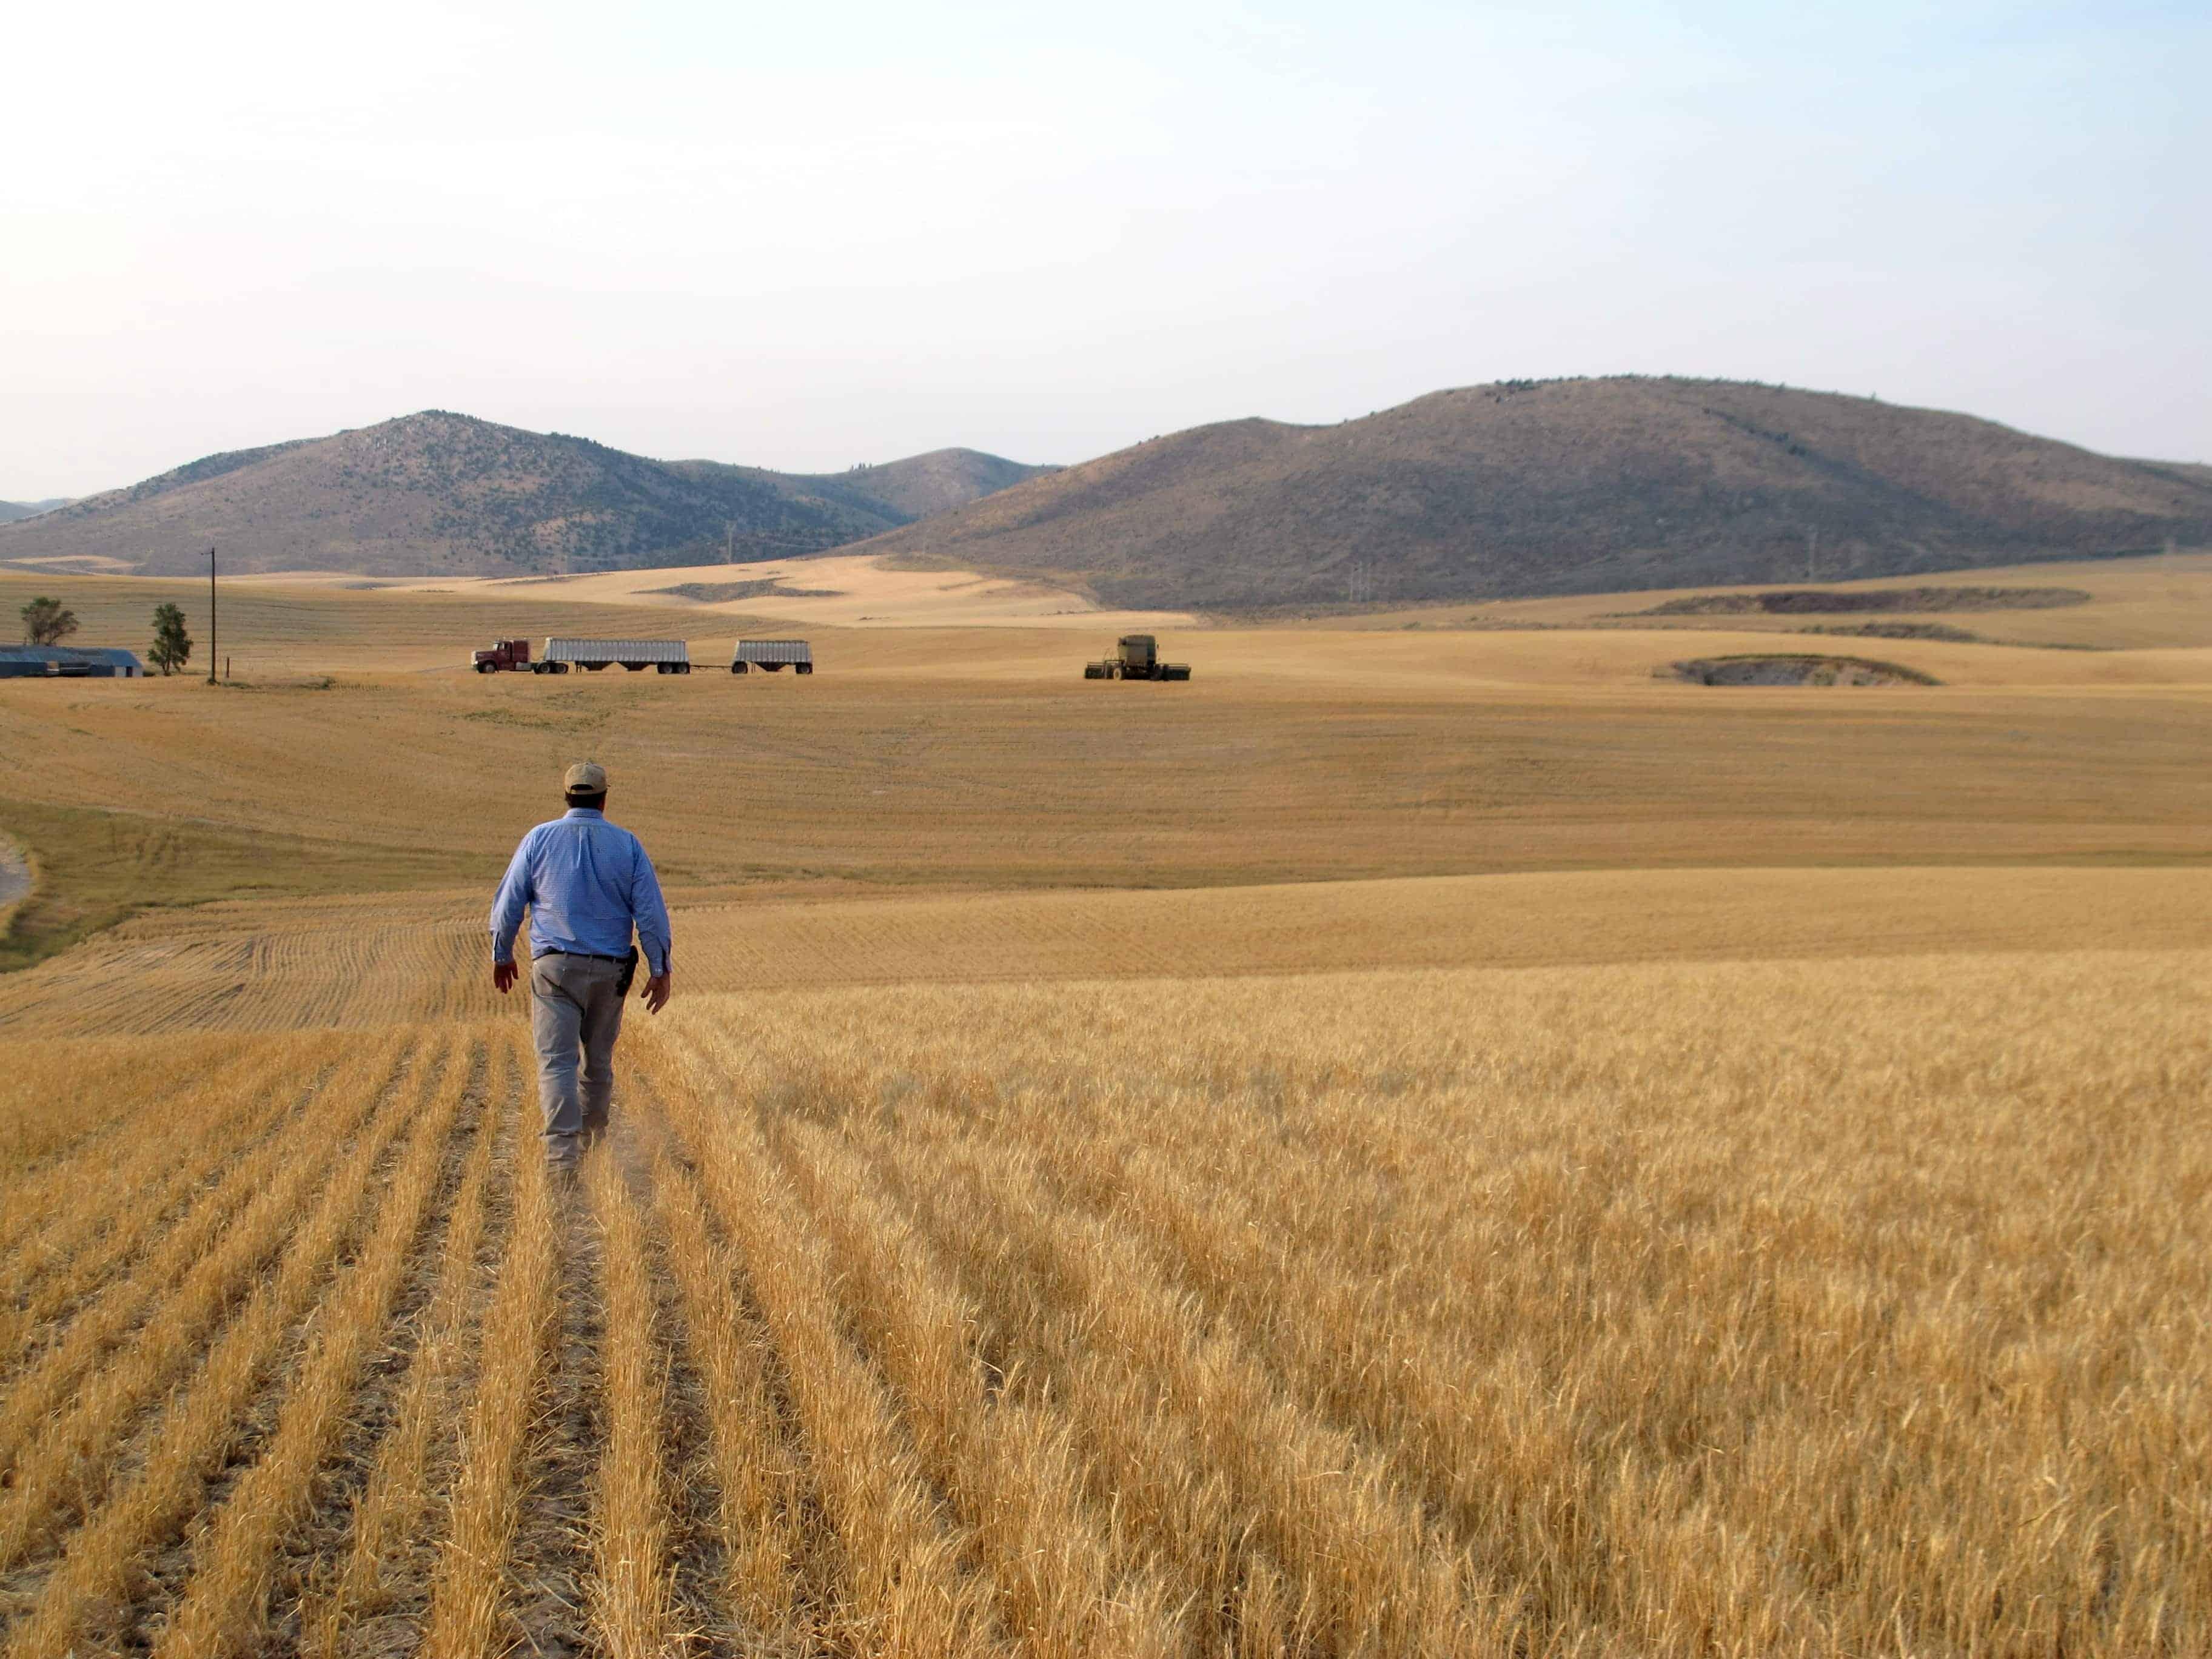 Hans-Hayden-droughted-field